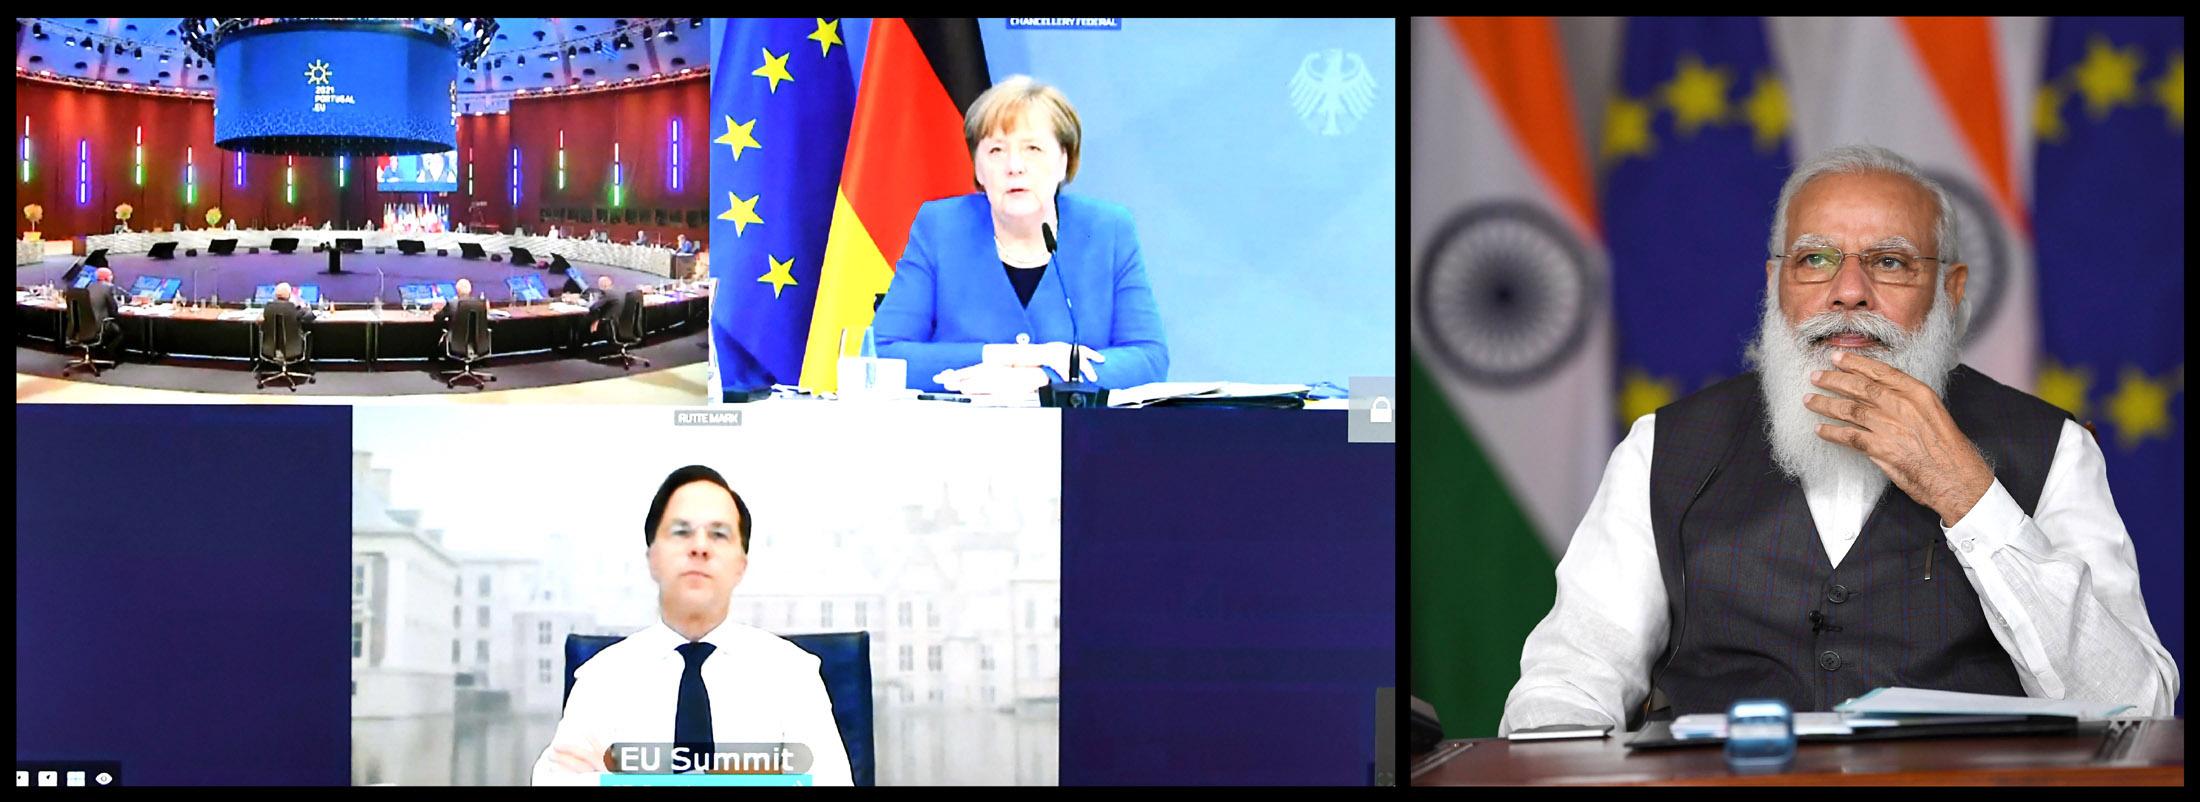 الاتحاد الأوروبي يلتقي برئيس وزراء الهند لبحث سبل التنمية